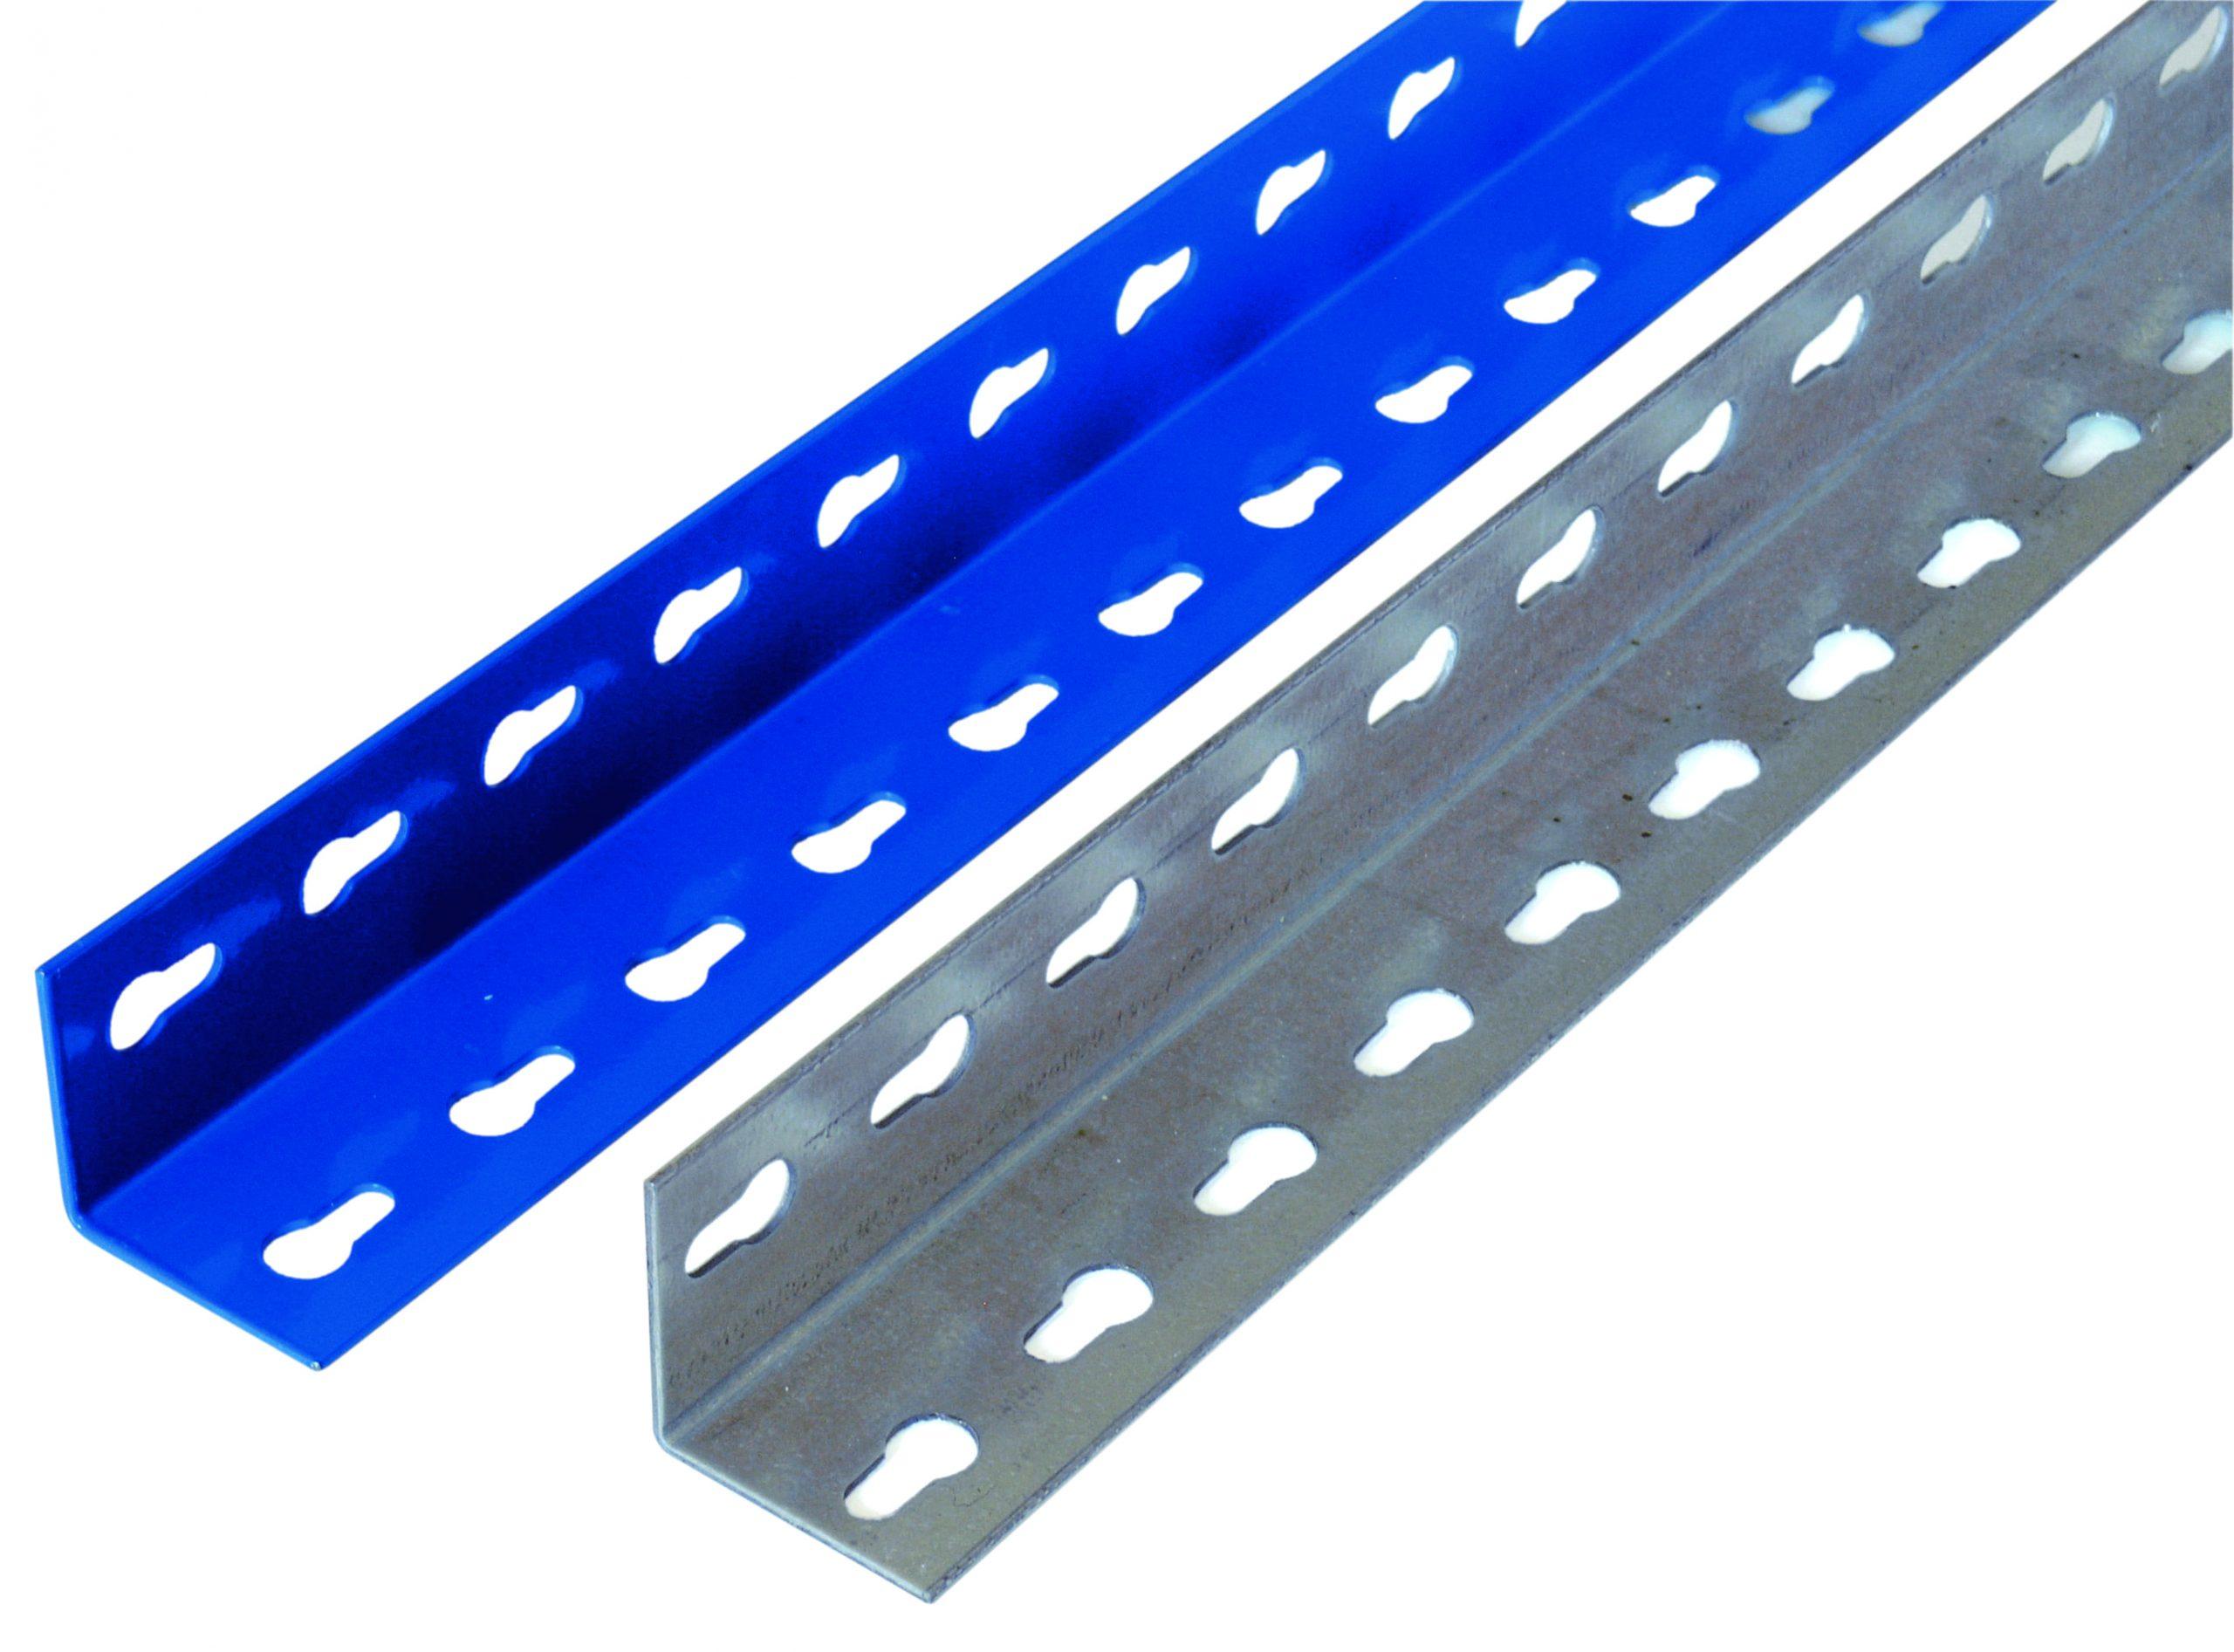 Winkelprofil für Weitspannregal Z1 R1-2438 mm, blau